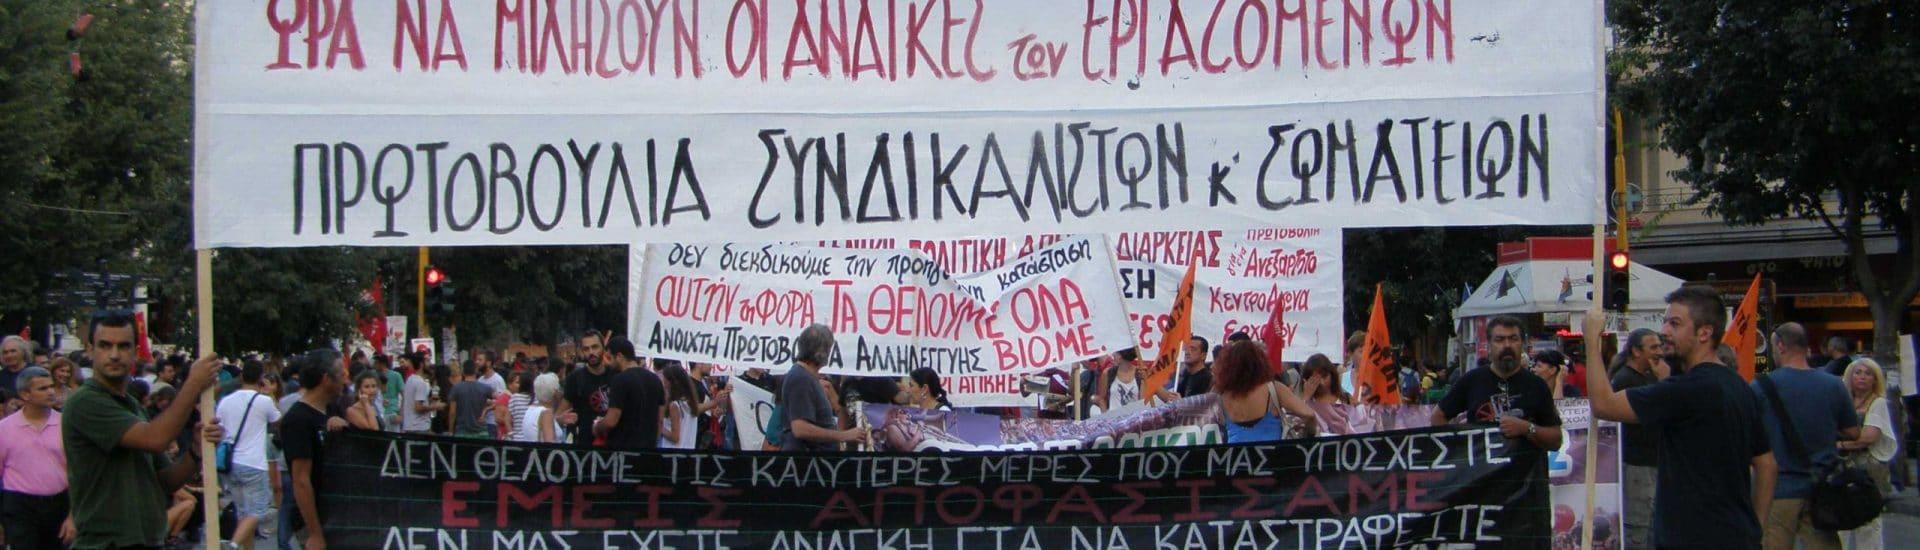 Εργατικά συνδικάτα υπέρ της διαδήλωσης της Πρωτομαγιάς